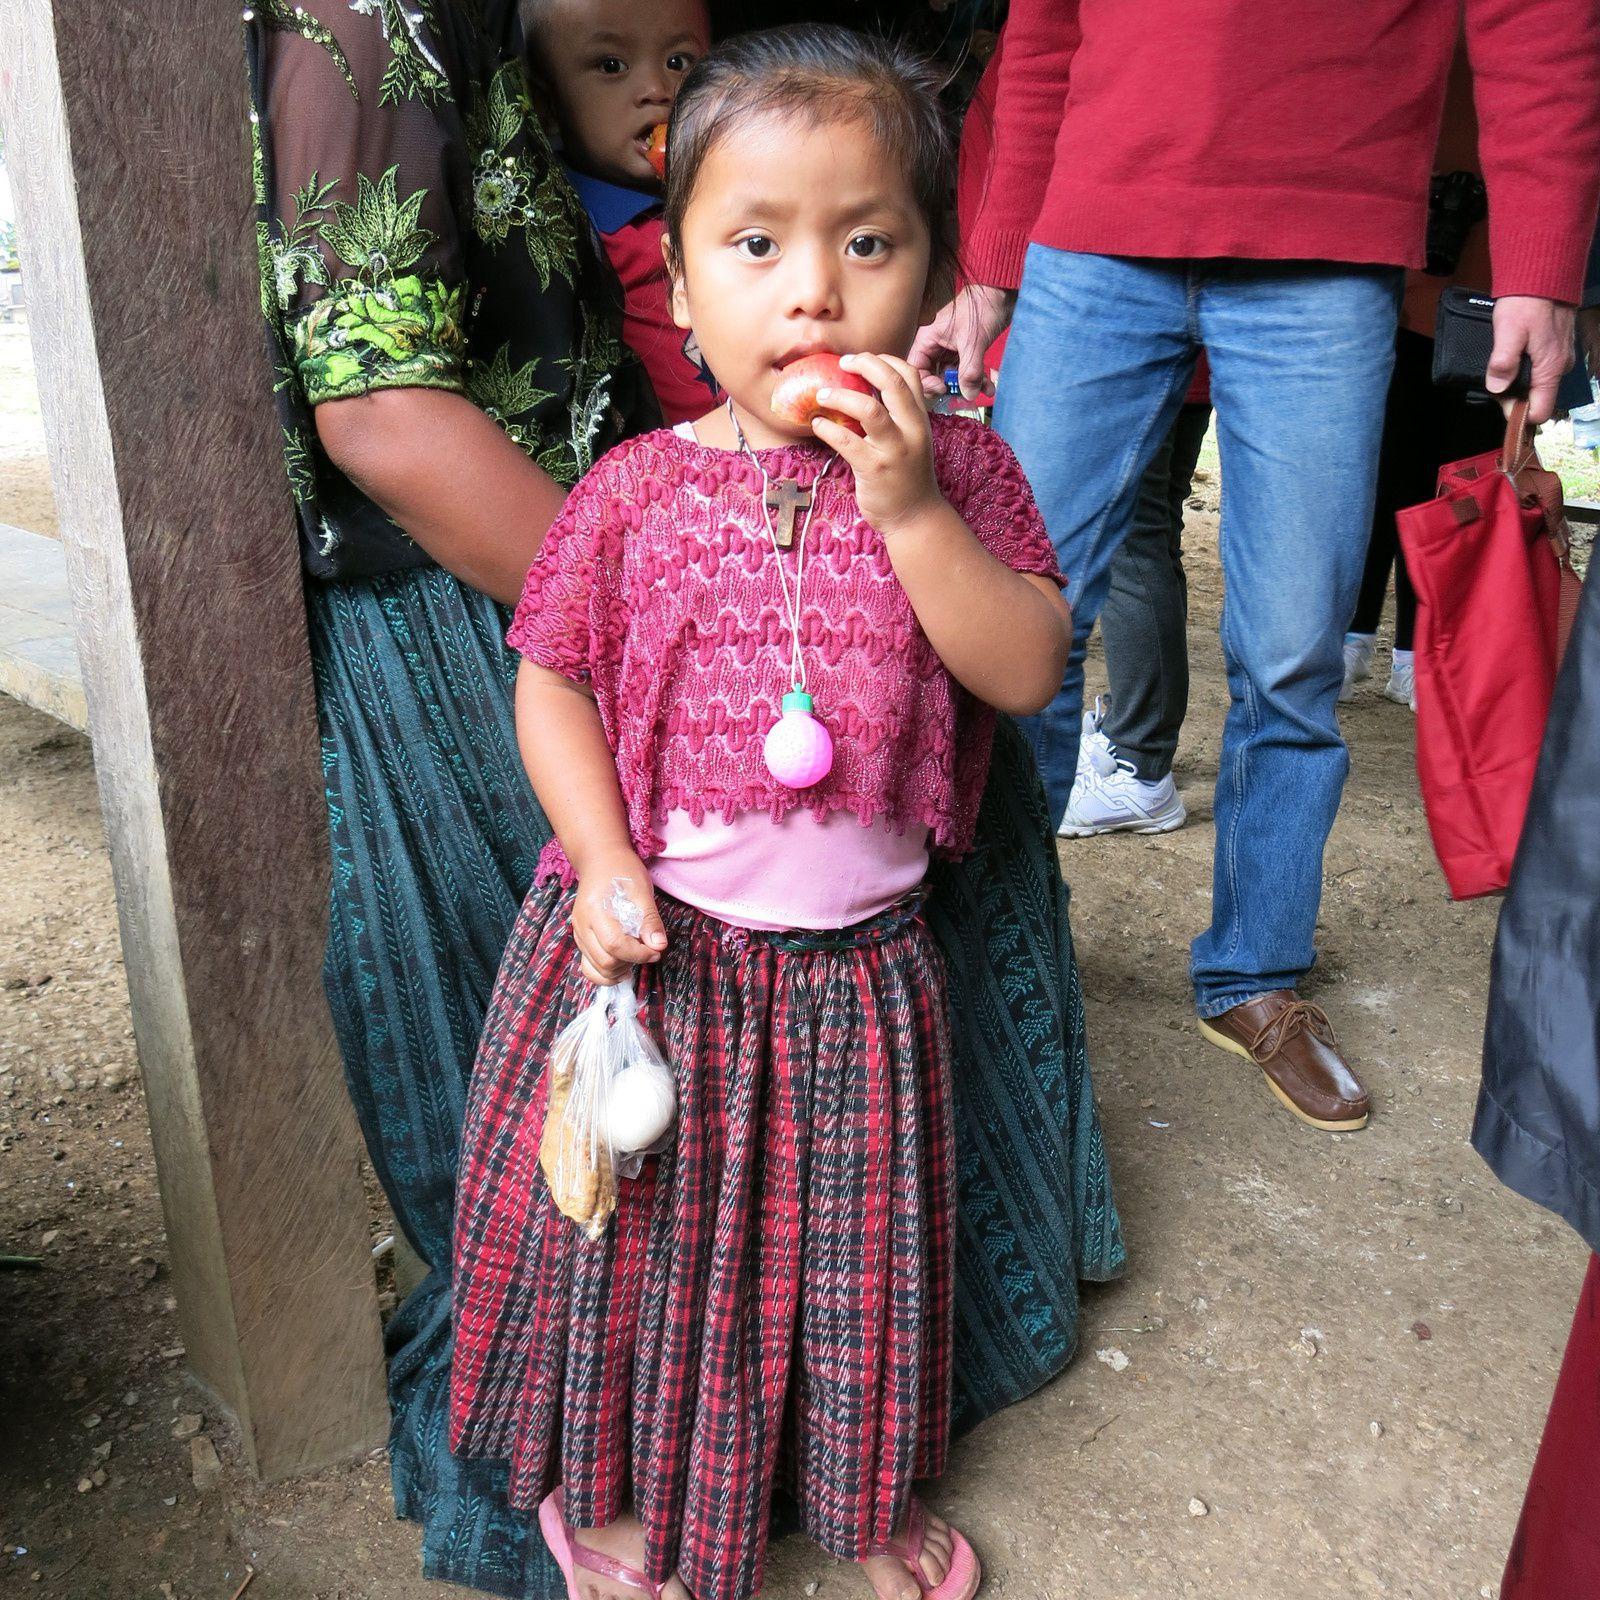 Dans la région de l'Alta Verapaz, la fillette porte le costume traditionnel, jupe froncée et blouse ajourée. Dans les Hautes Terres, la jupe de même tissu, est un simple morceau d'étoffe maintenu à la taille par une large ceinture.